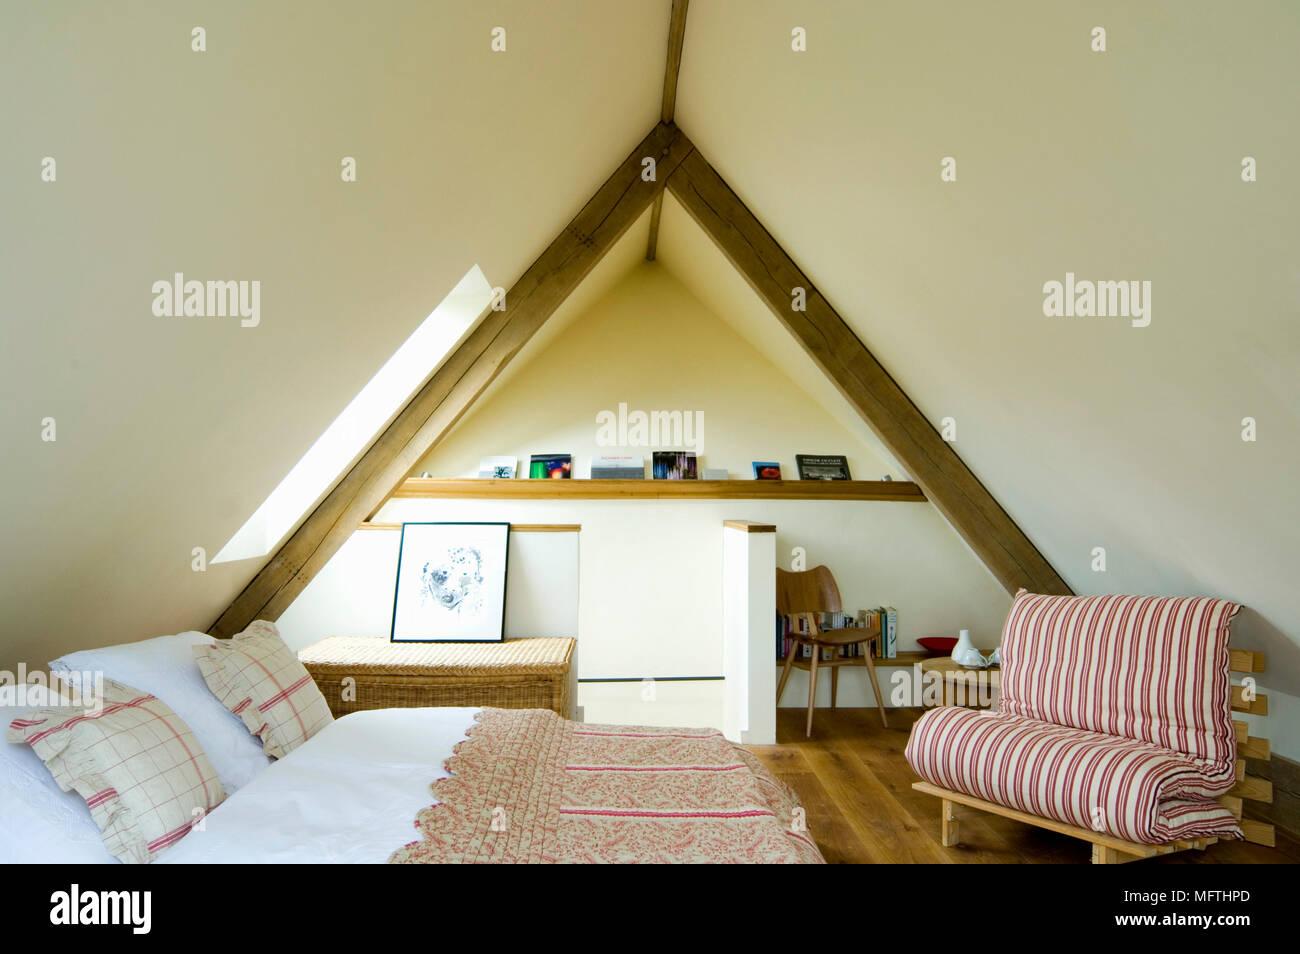 Letto Matrimoniale Giallo : Sedia futon rivolta verso il letto matrimoniale in camera da letto